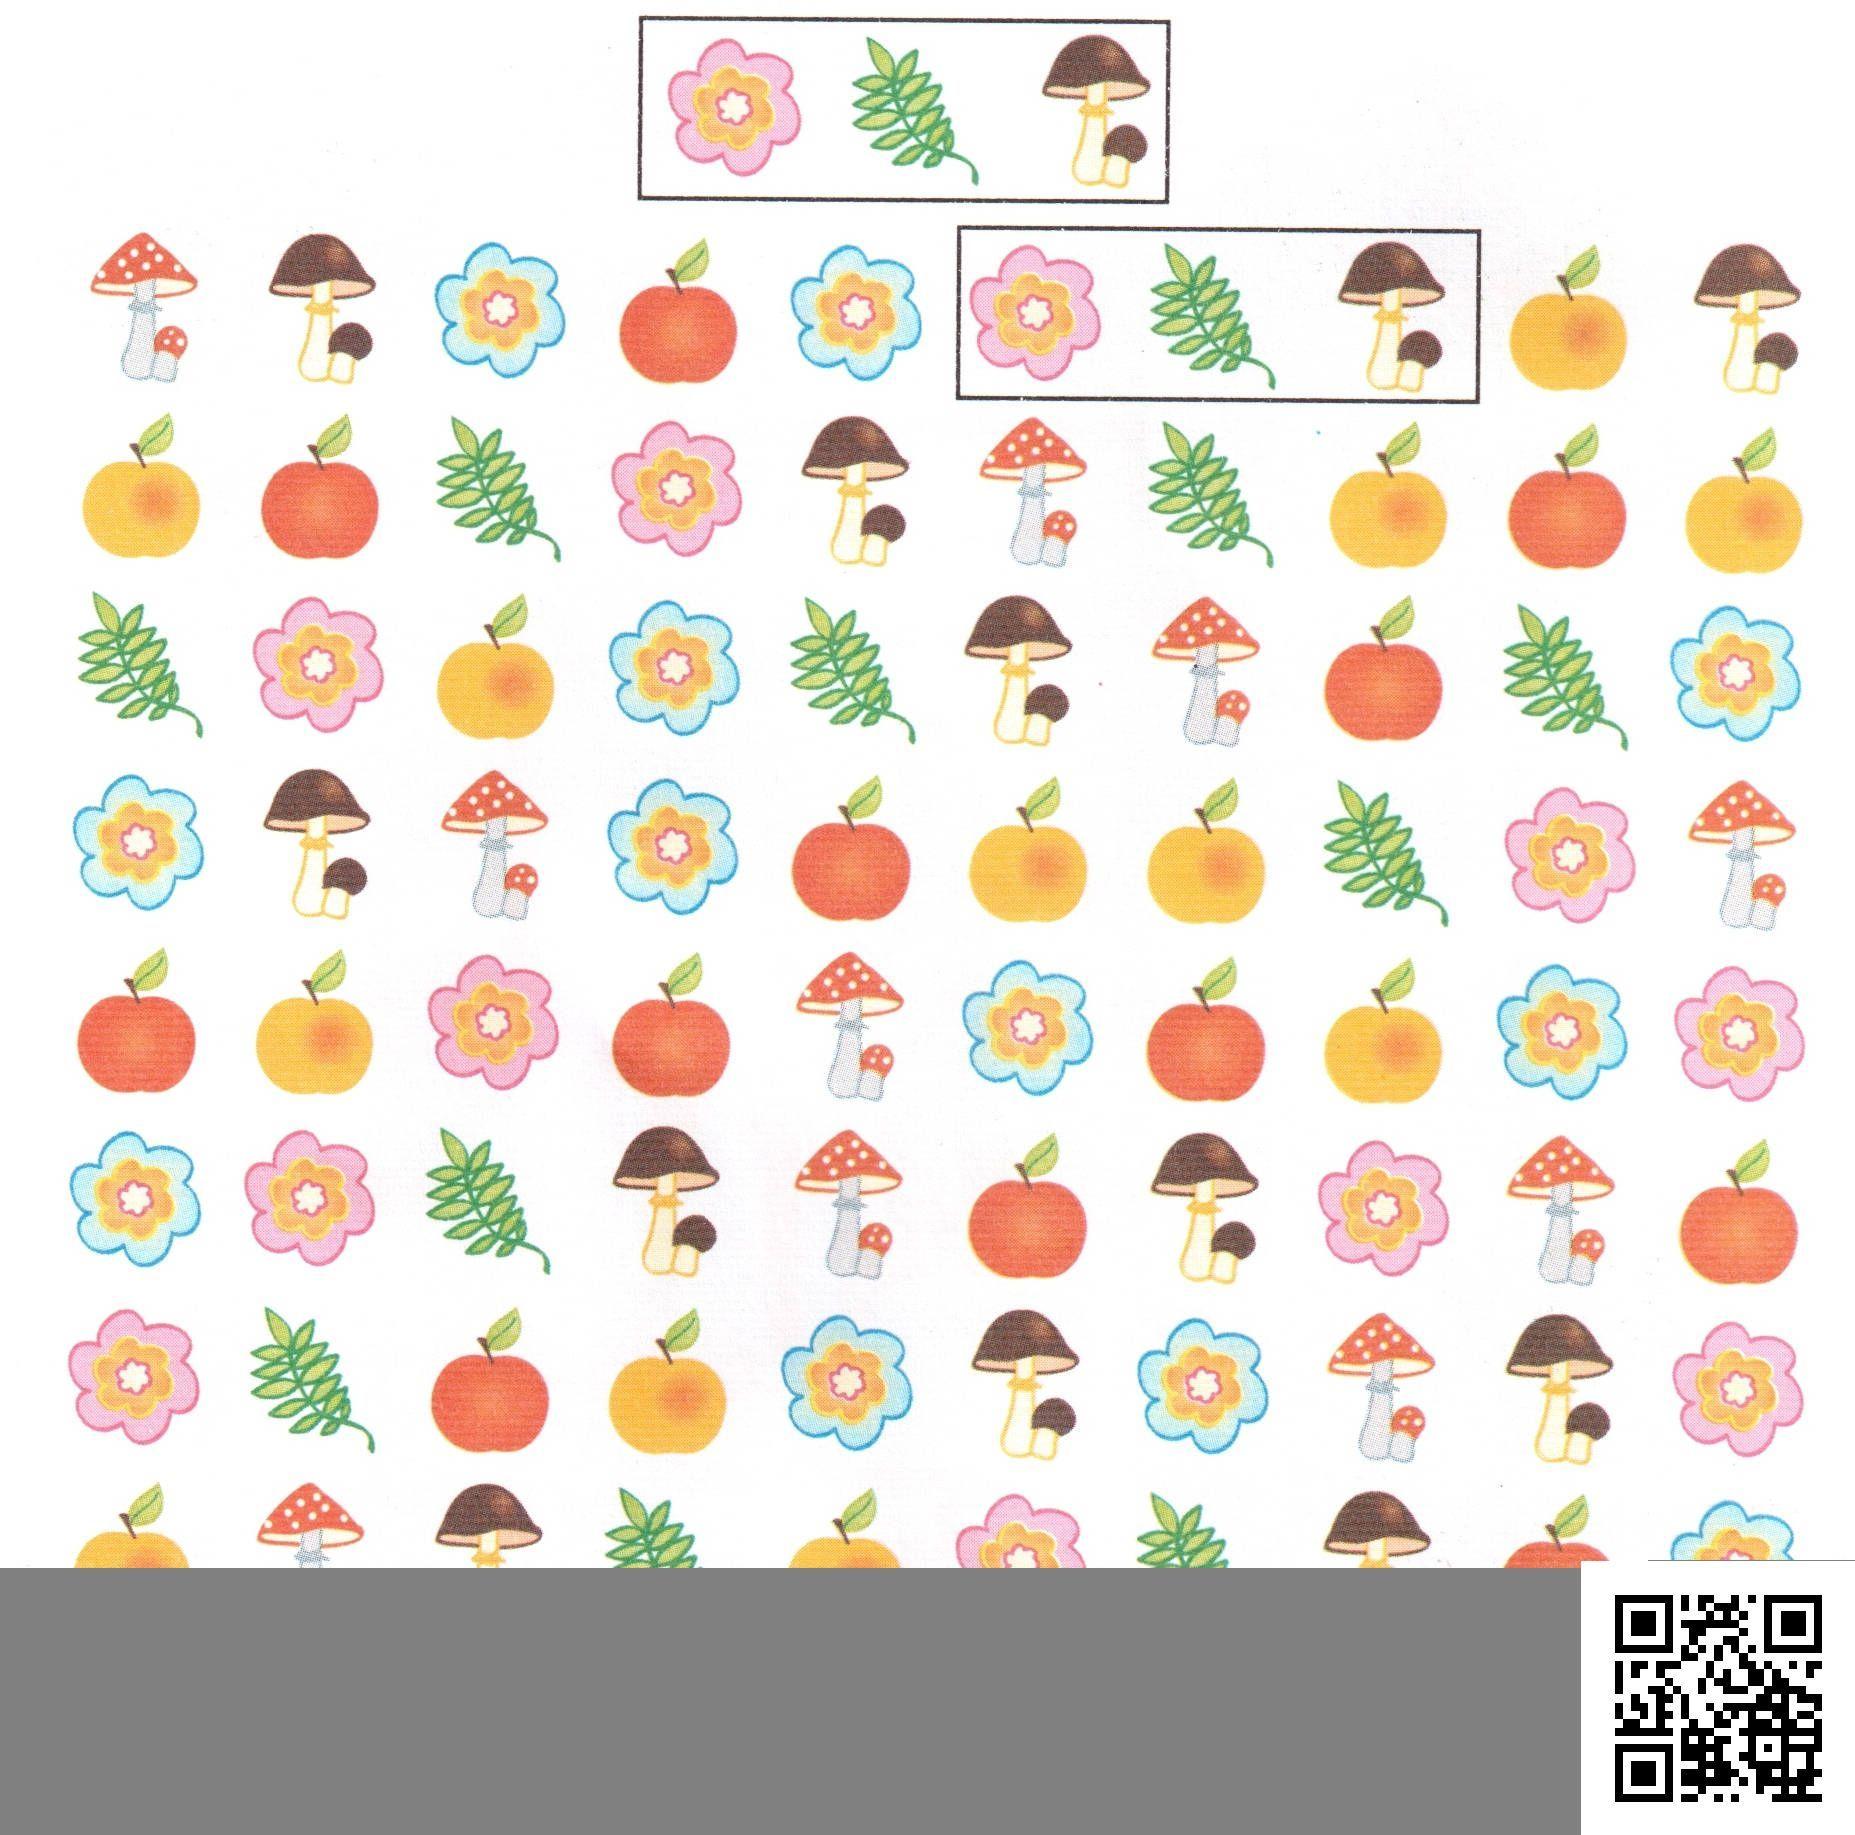 Pin von waiyi lau auf Visual perception   Pinterest   Vorschule